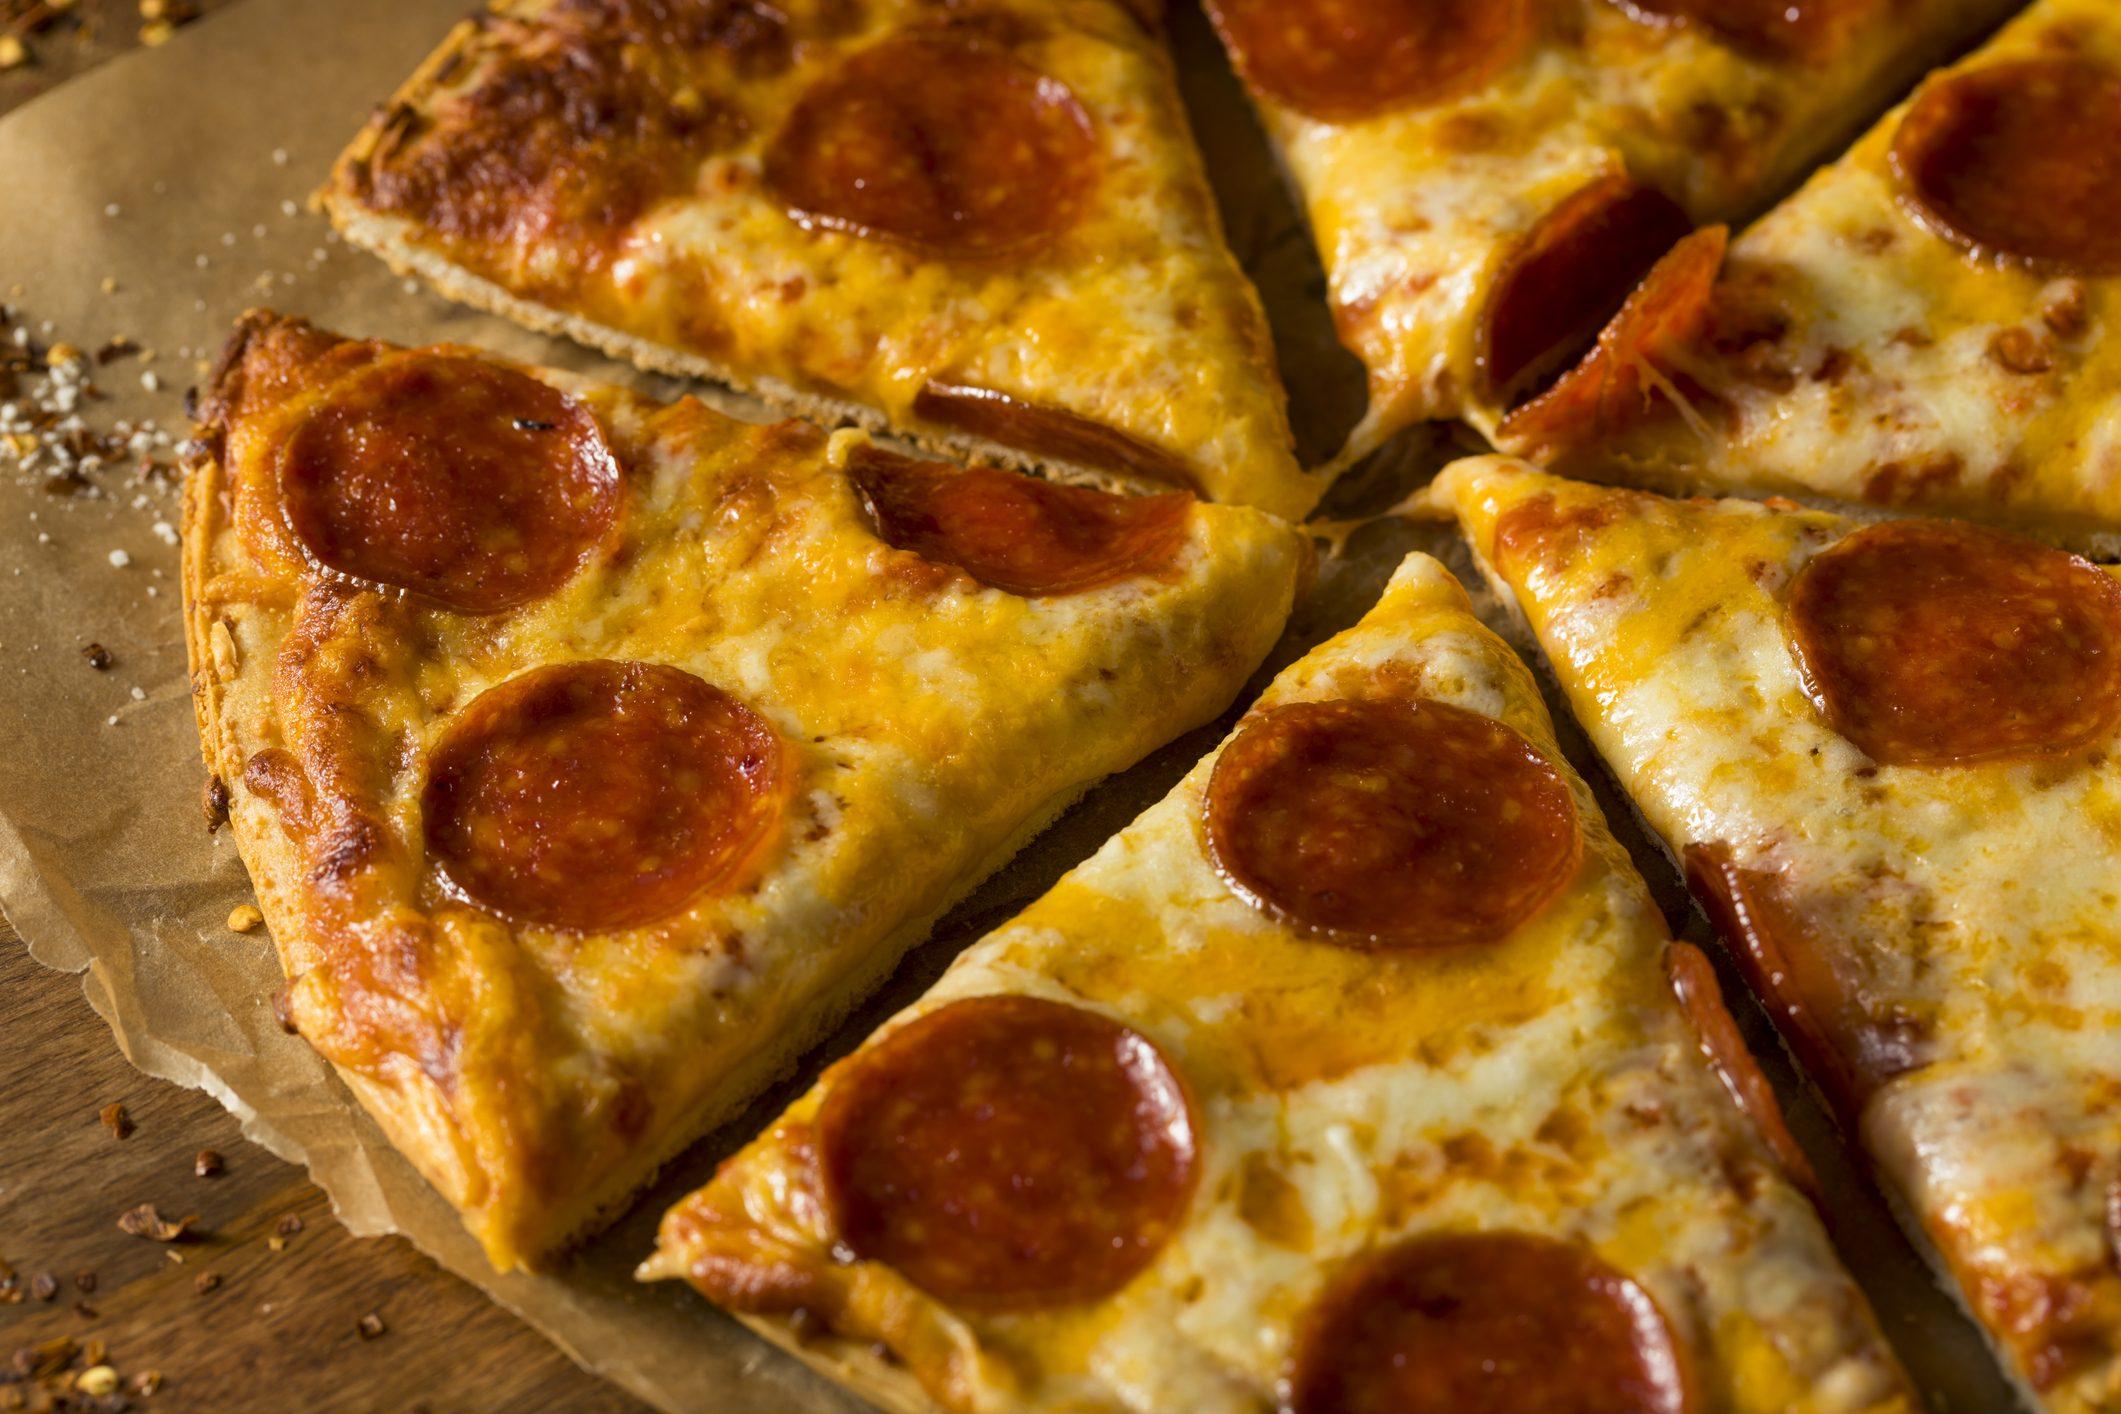 Pizza surgelata, origini e storia: com'è nata e chi l'ha inventata?